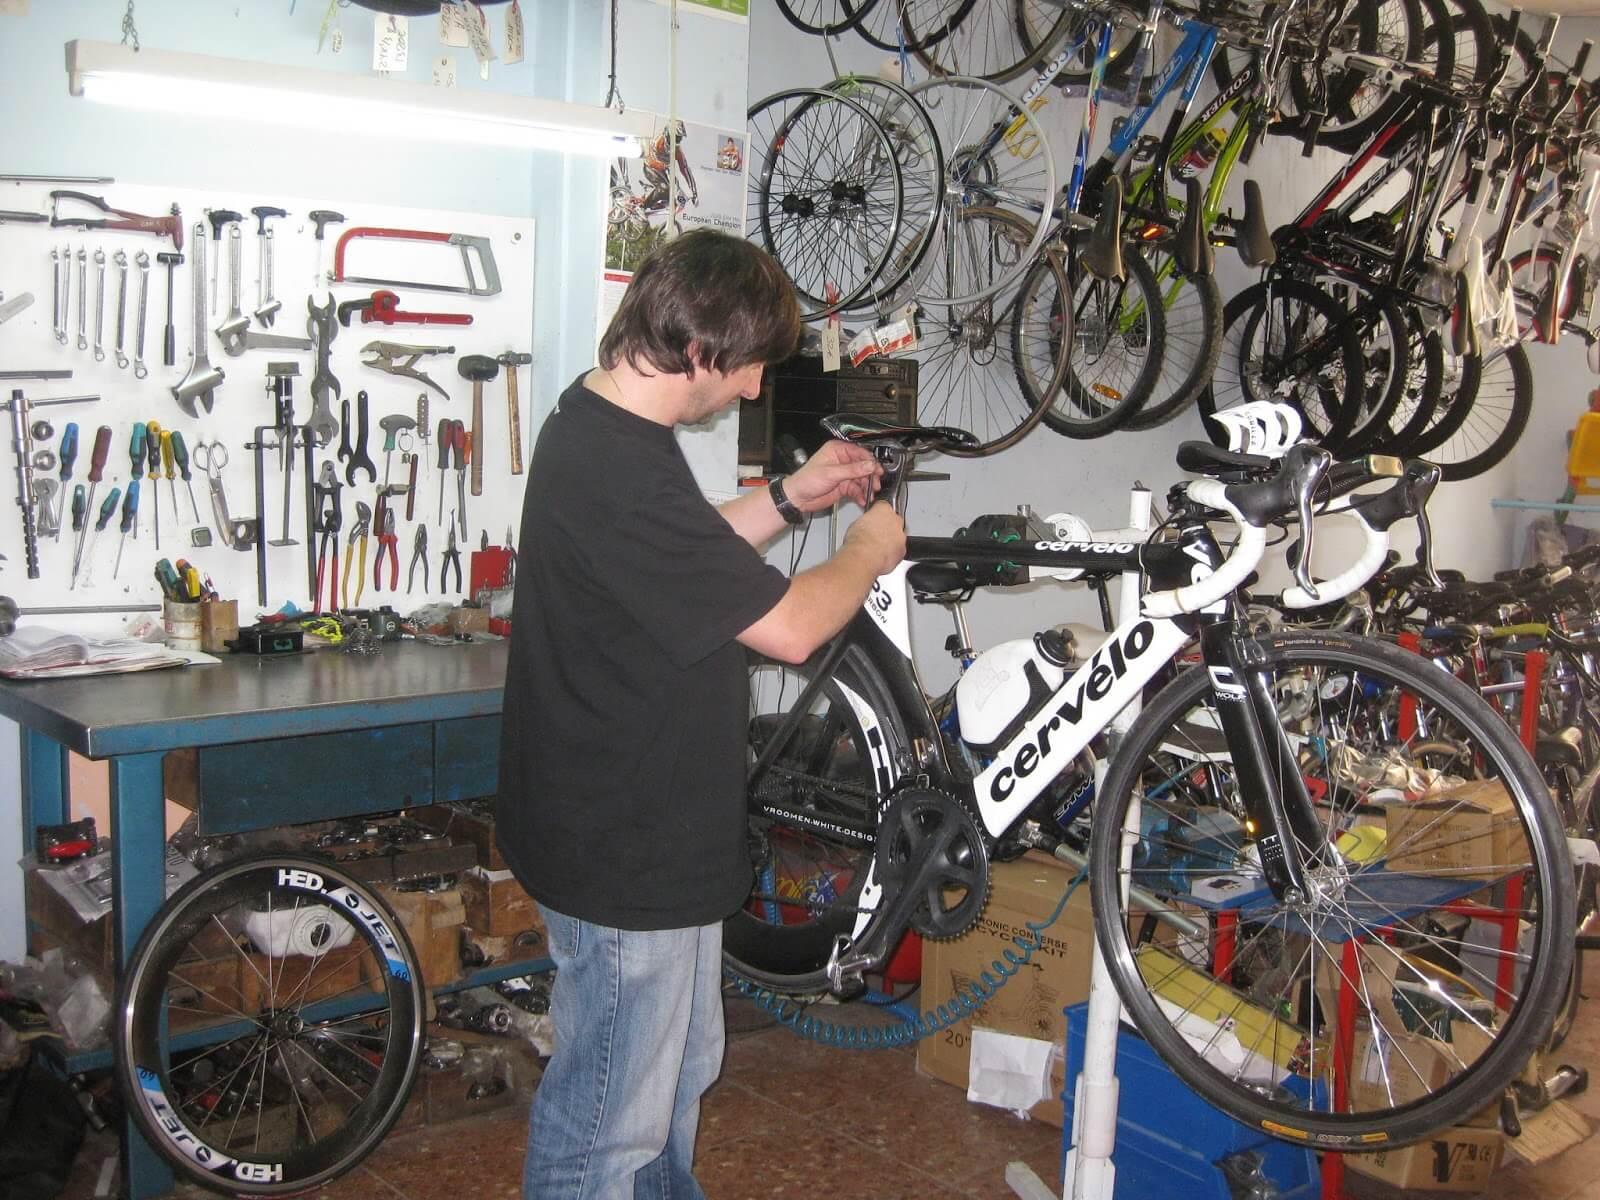 Abrir un taller de reparación de bicicletas - Ideas rentables en casa